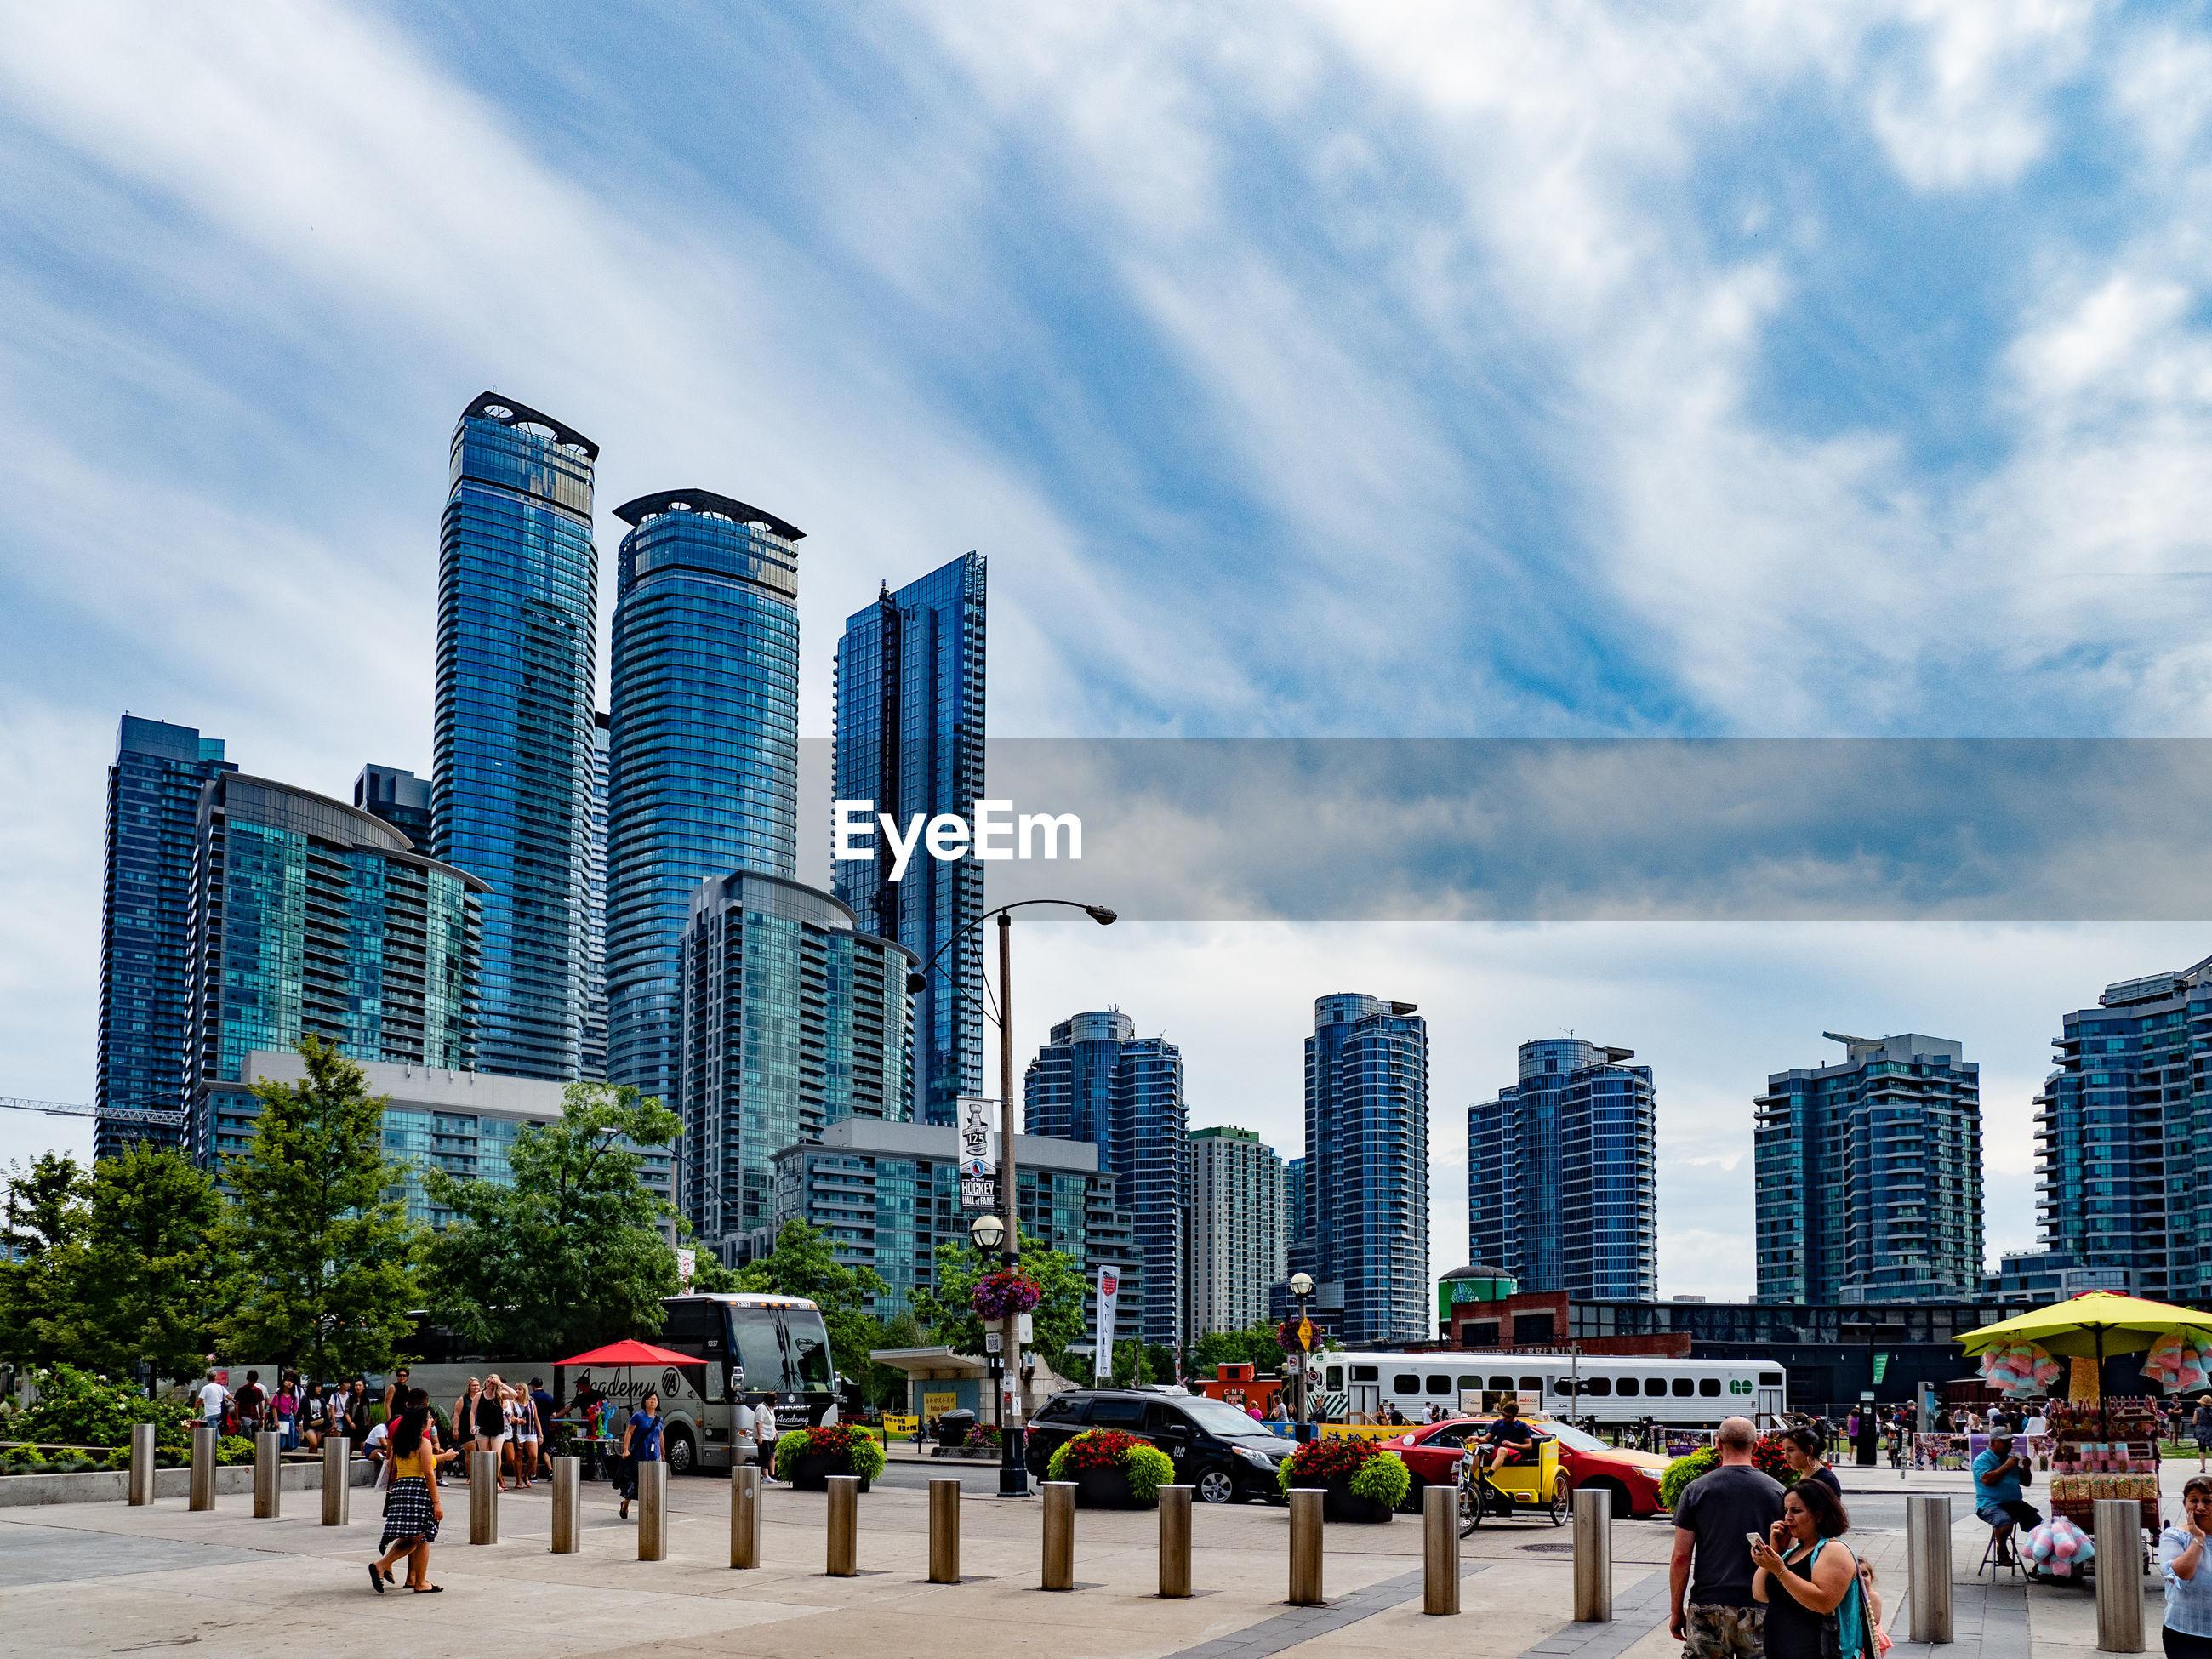 PEOPLE IN MODERN BUILDINGS AGAINST SKY